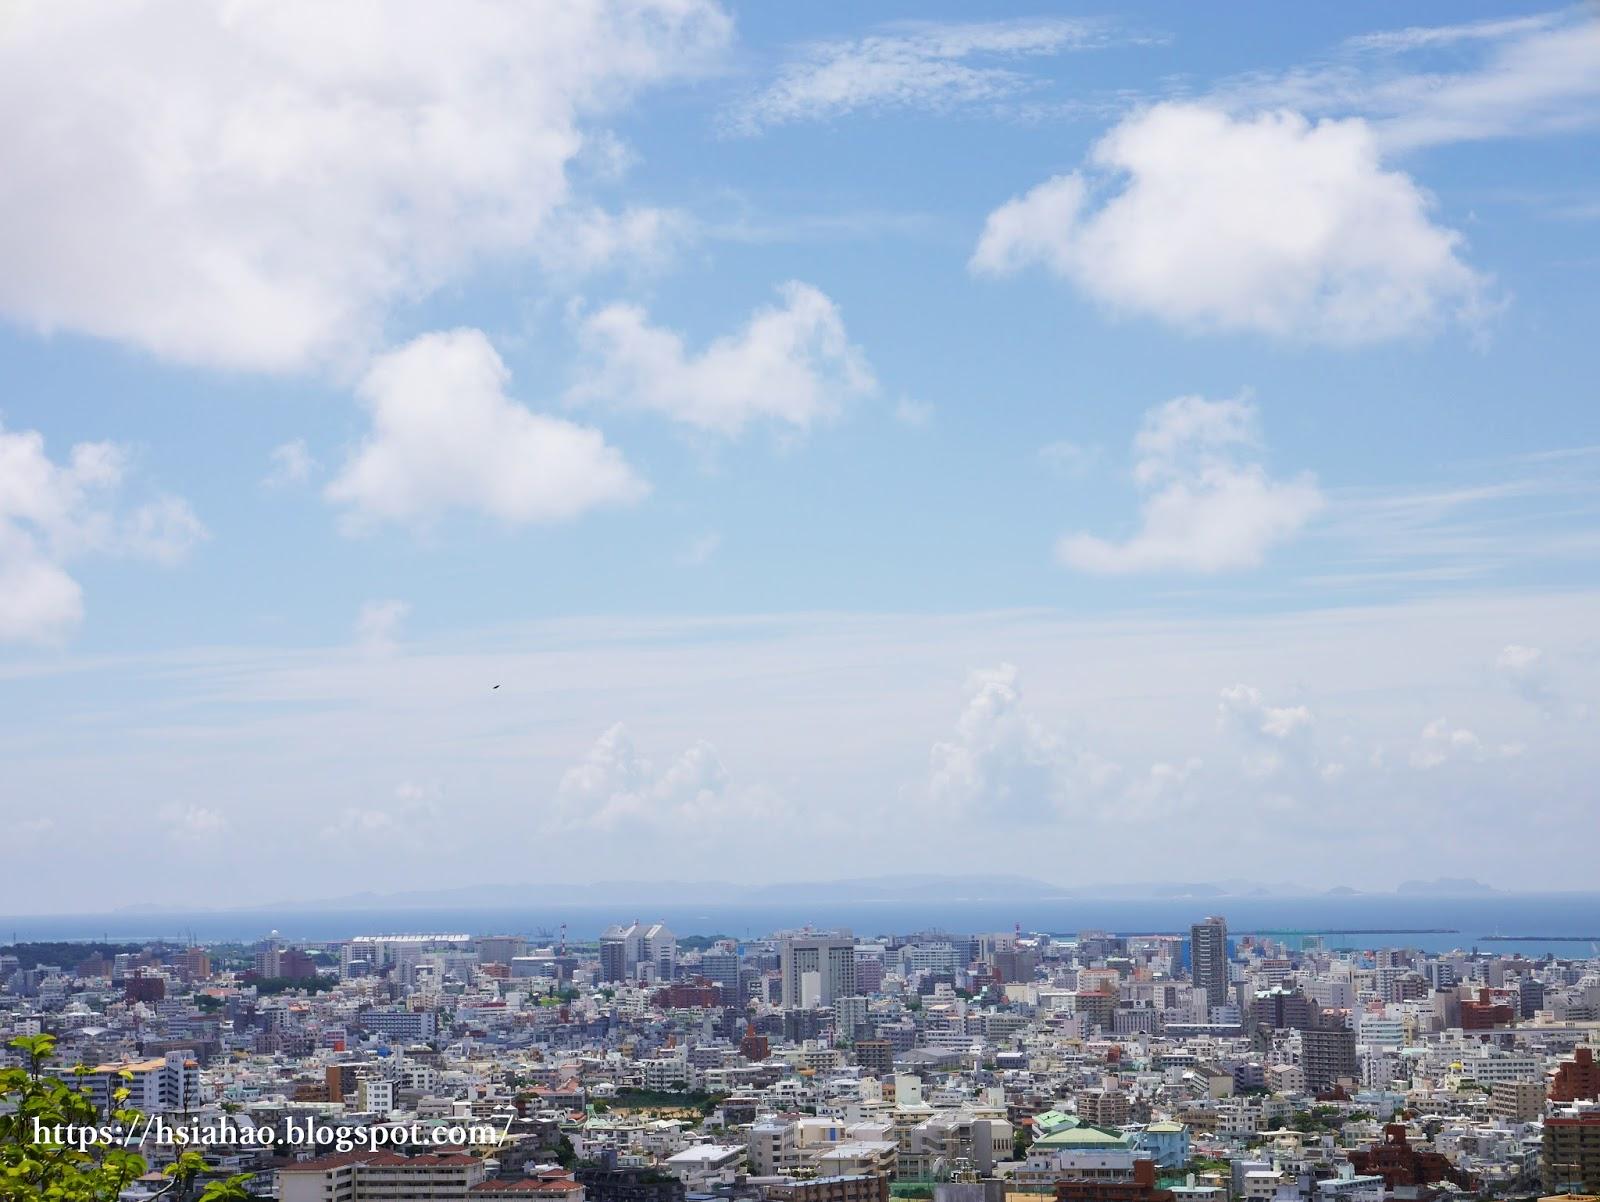 沖繩-景點-金城町石畳道-首里城-那霸-自由行-旅遊-旅行-Okinawa-Naha-Shuri-Kinjōchō-ishidatamimichi